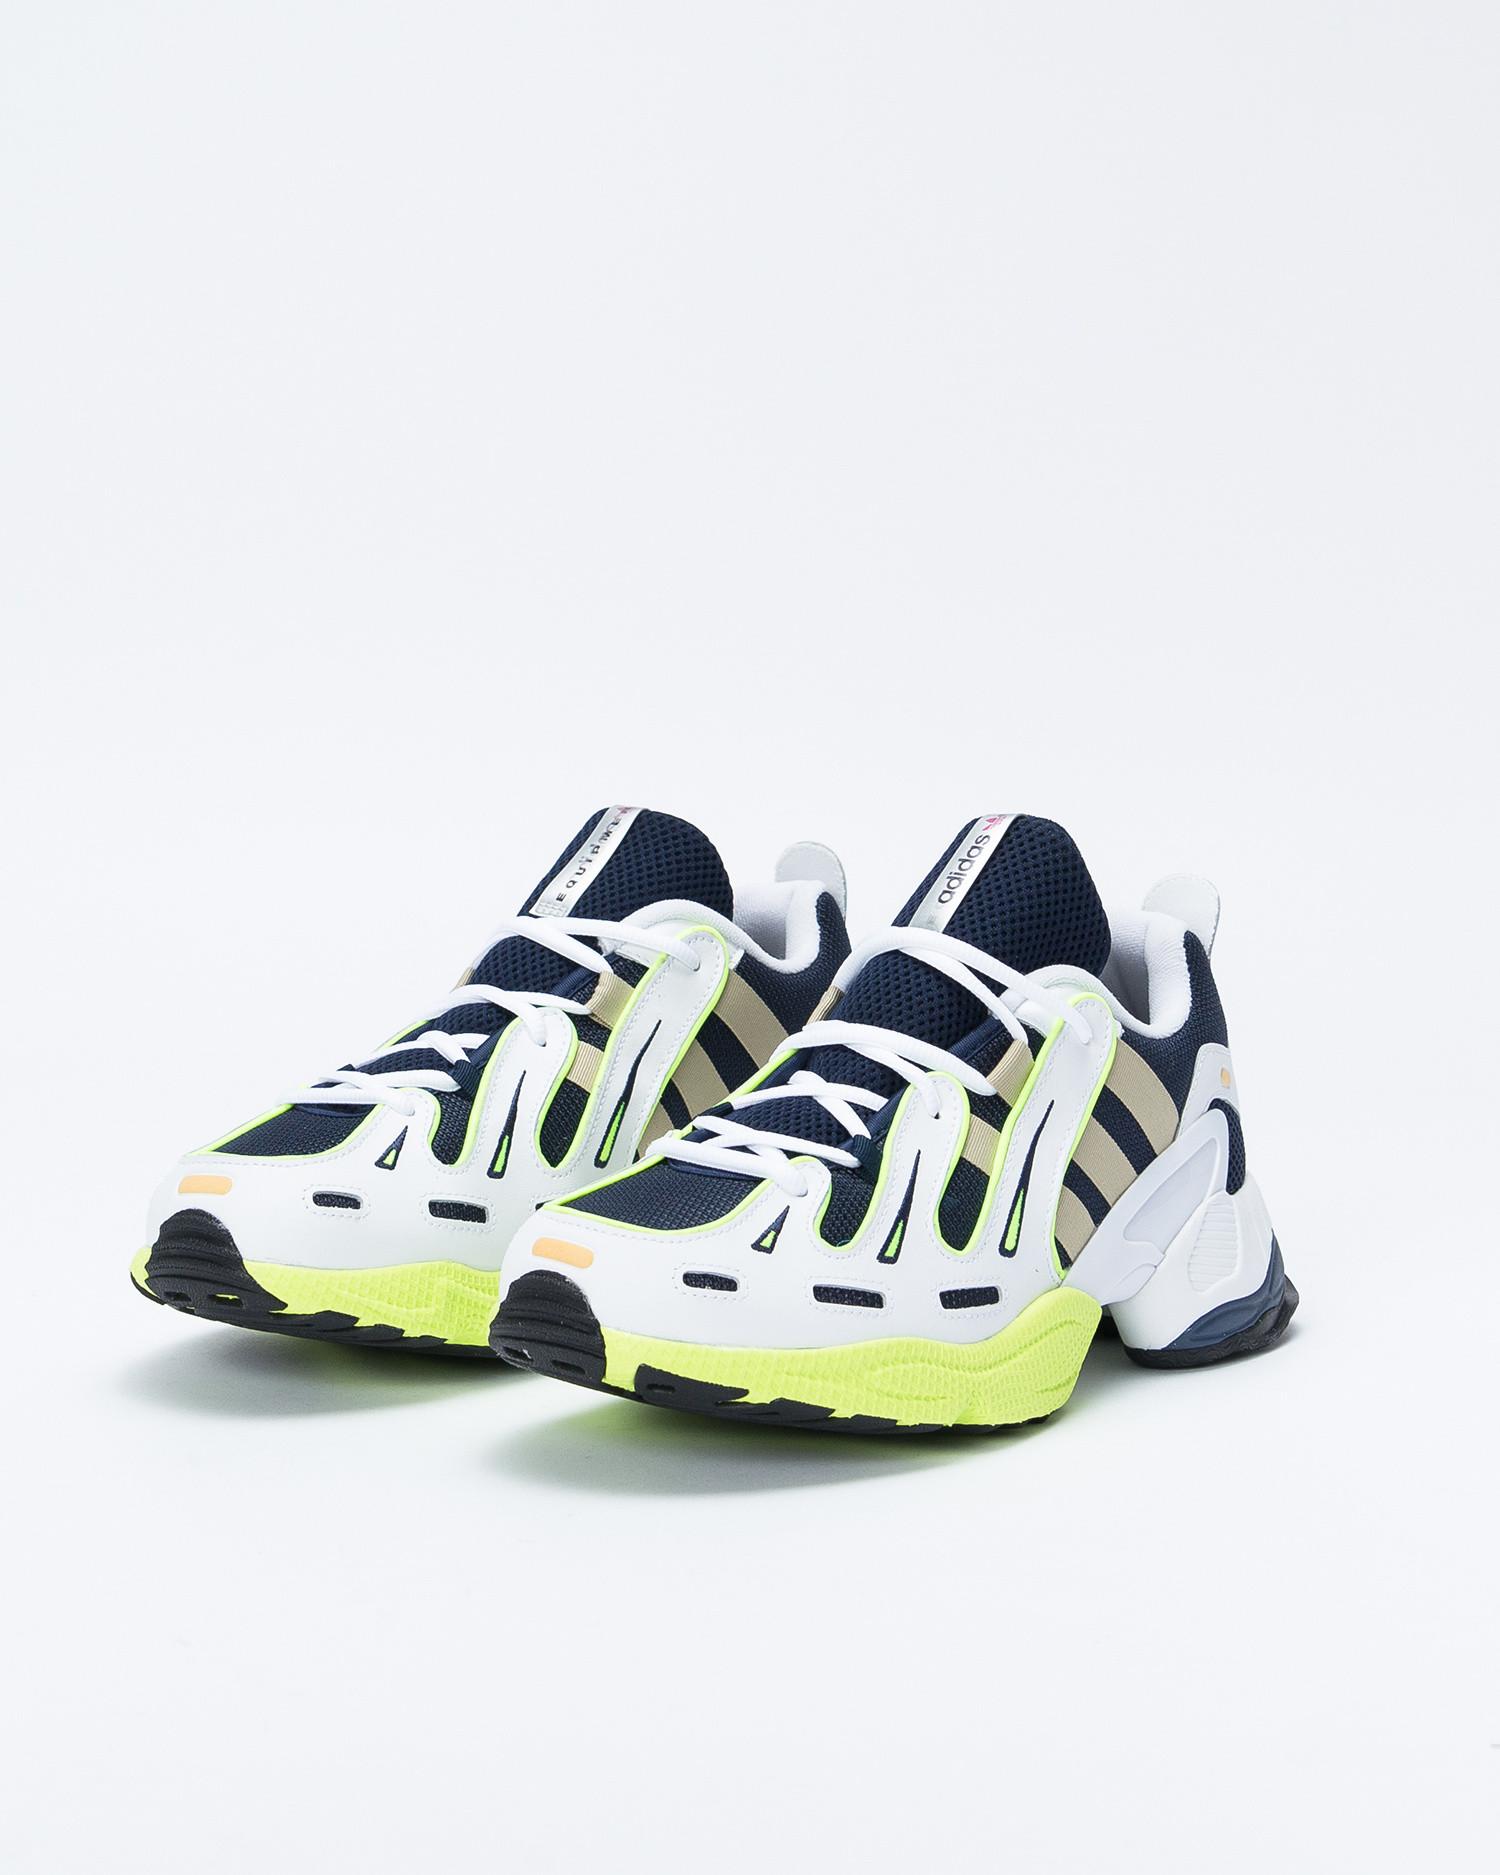 adidas EQT Gazelle Conavy/Rawgol/Syello